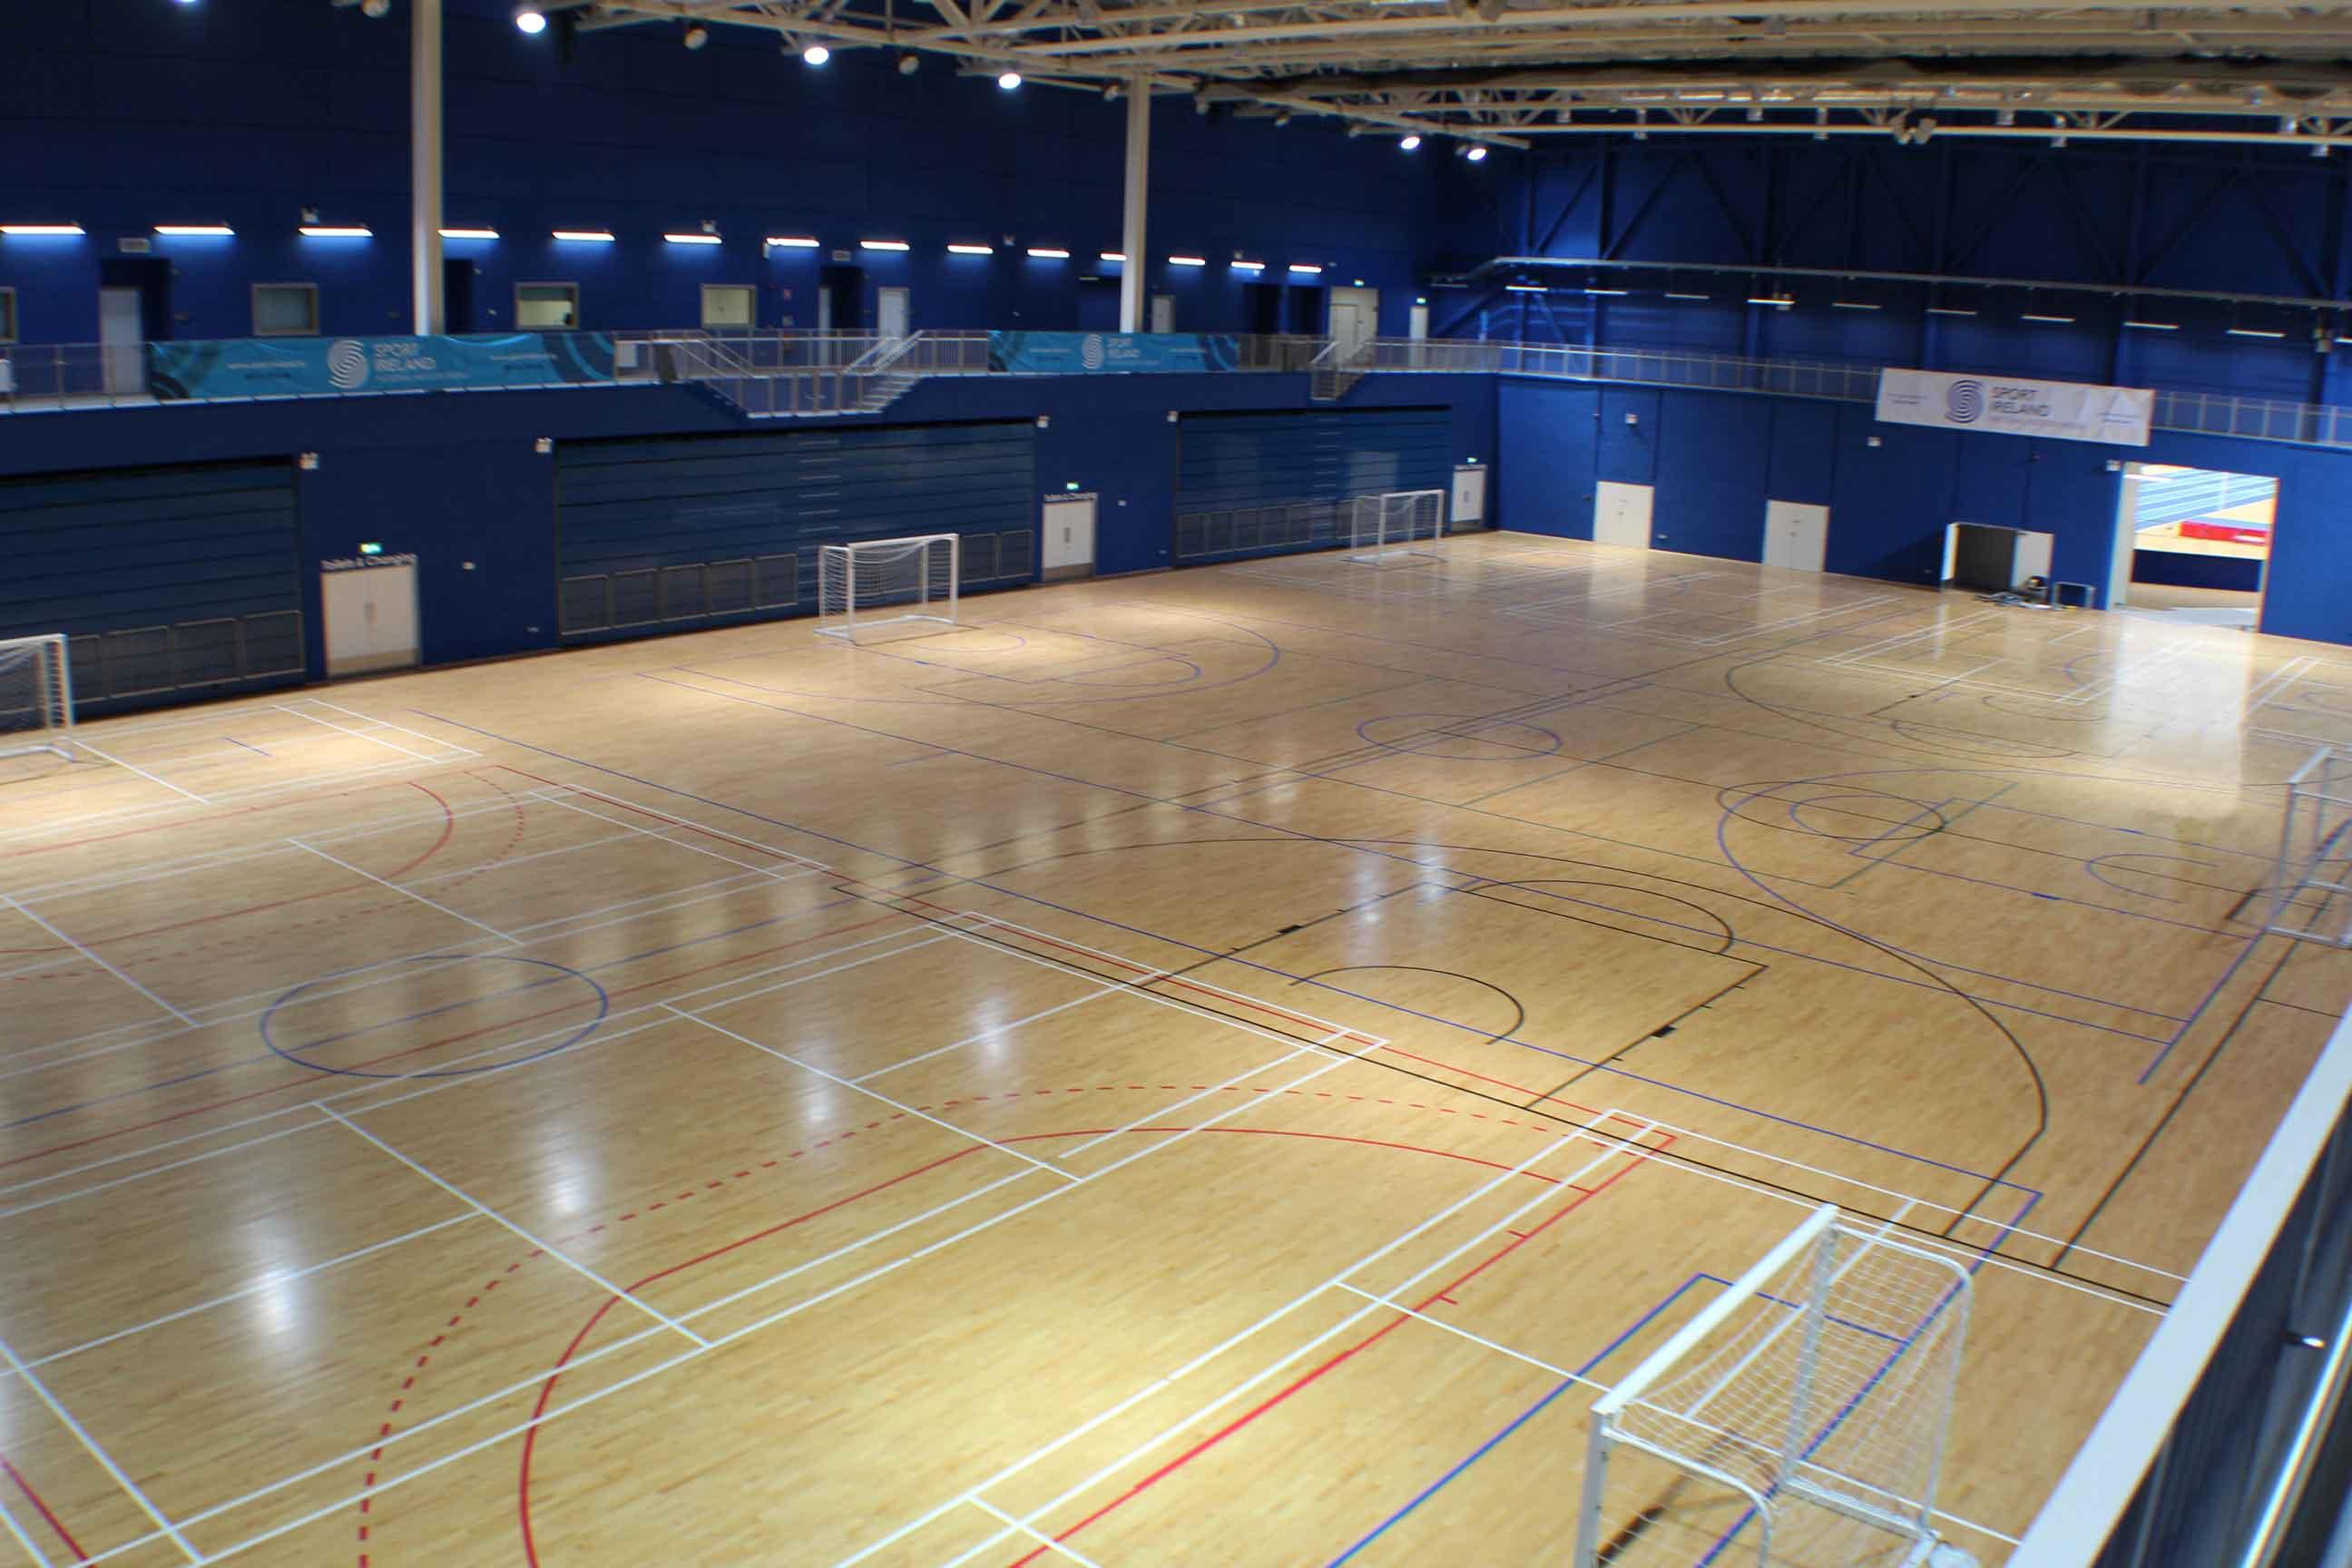 national indoor arena building construction engineering property development heron bros